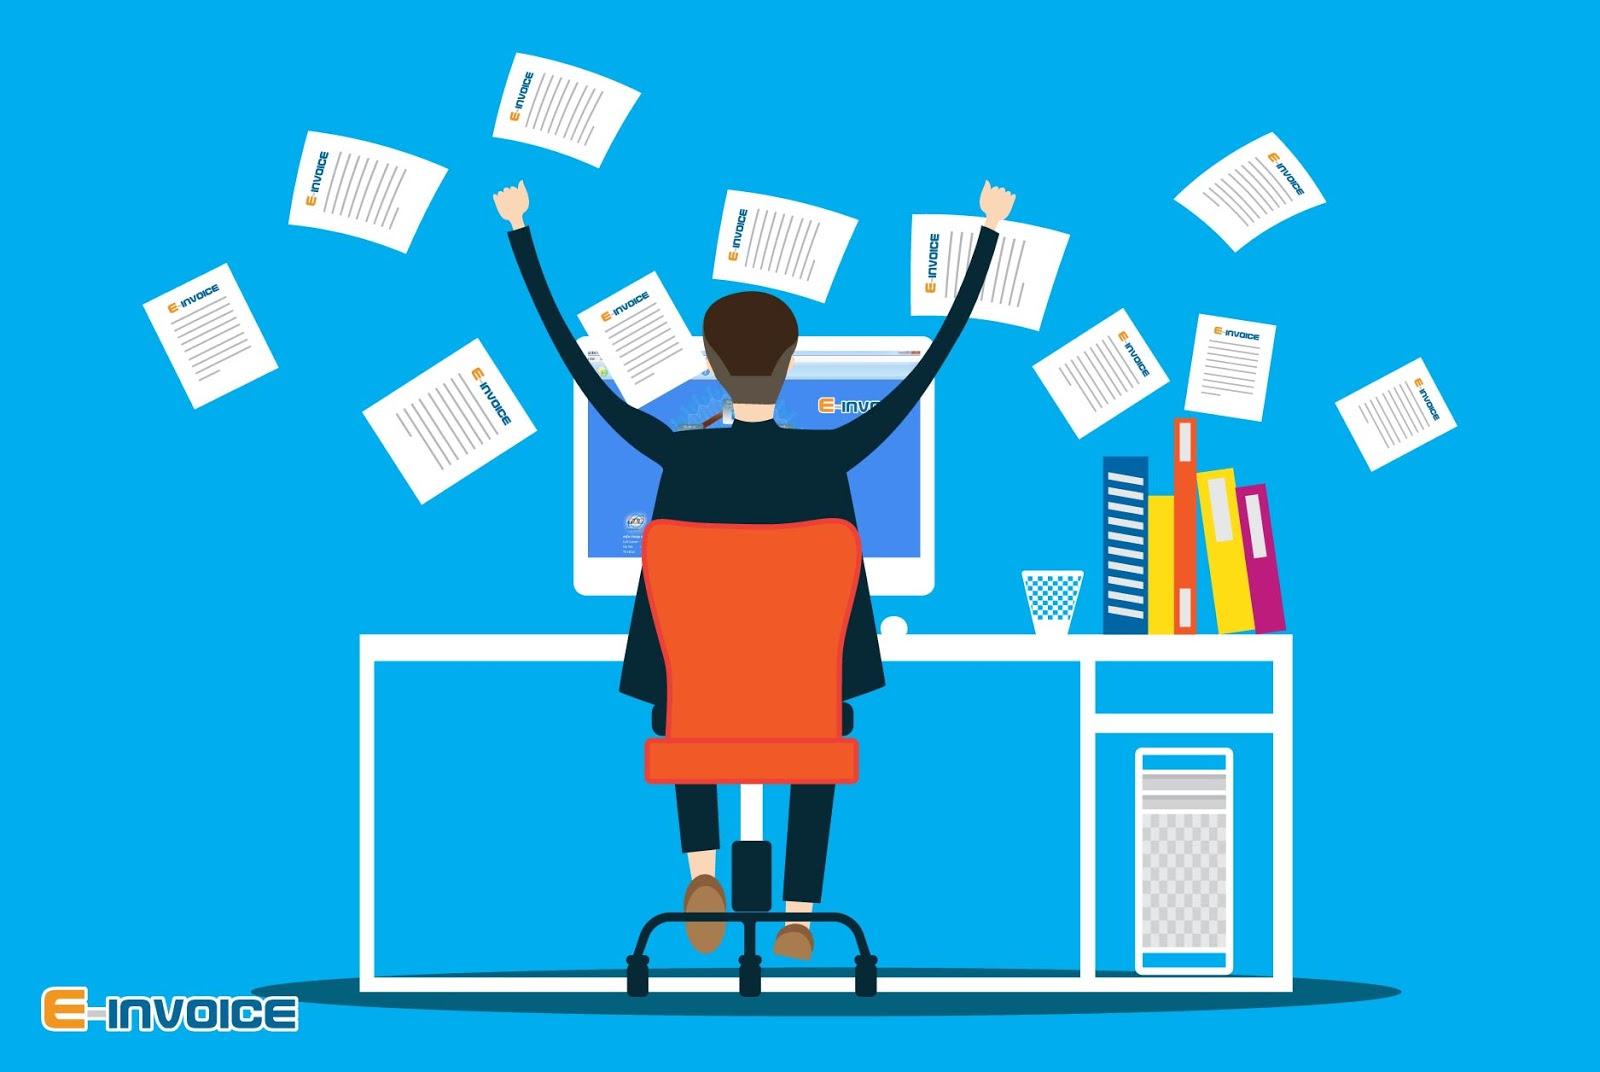 Xác định áp dụng chữ viết, chữ số trên hóa đơn điện tử sai hay đúng cần căn cứ các quy định